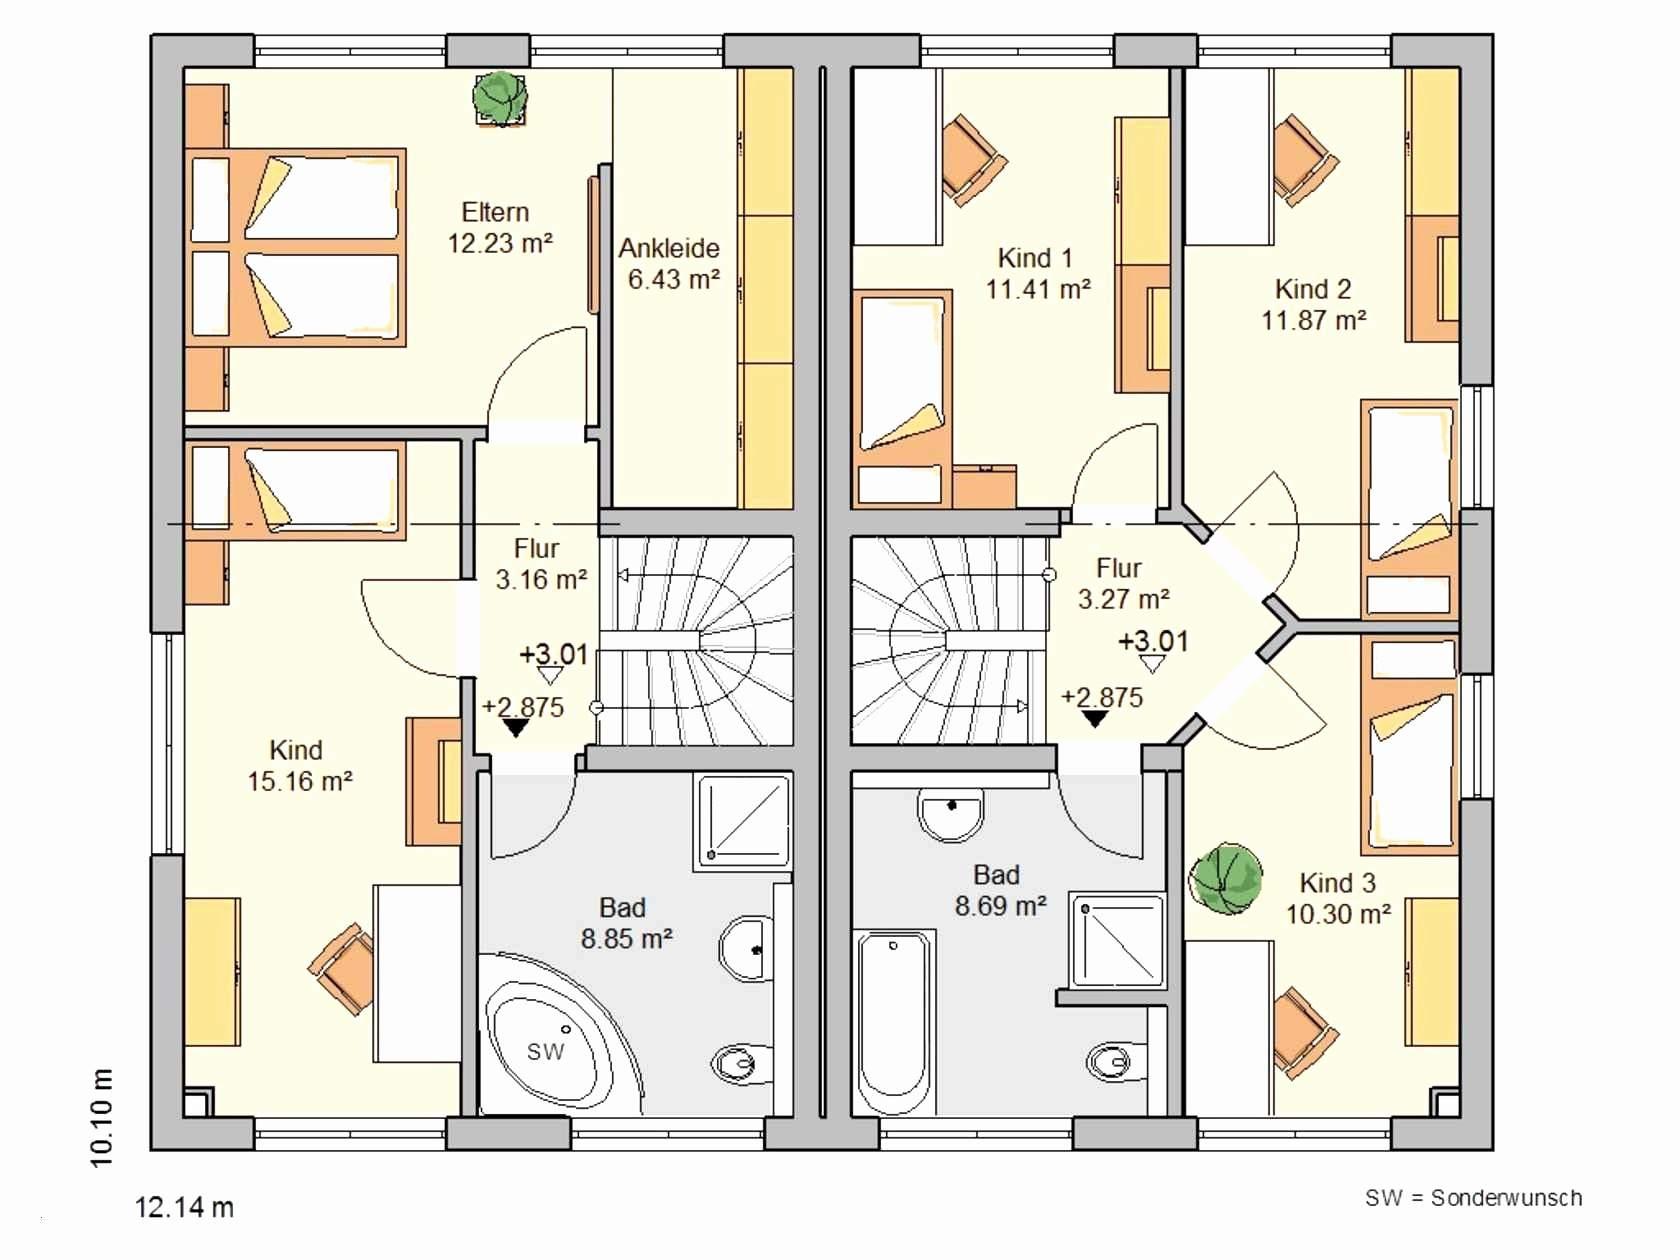 blumenbank fur wohnzimmer frisch 74 das beste von bilder von fene kuche schiebetur of blumenbank fur wohnzimmer 1